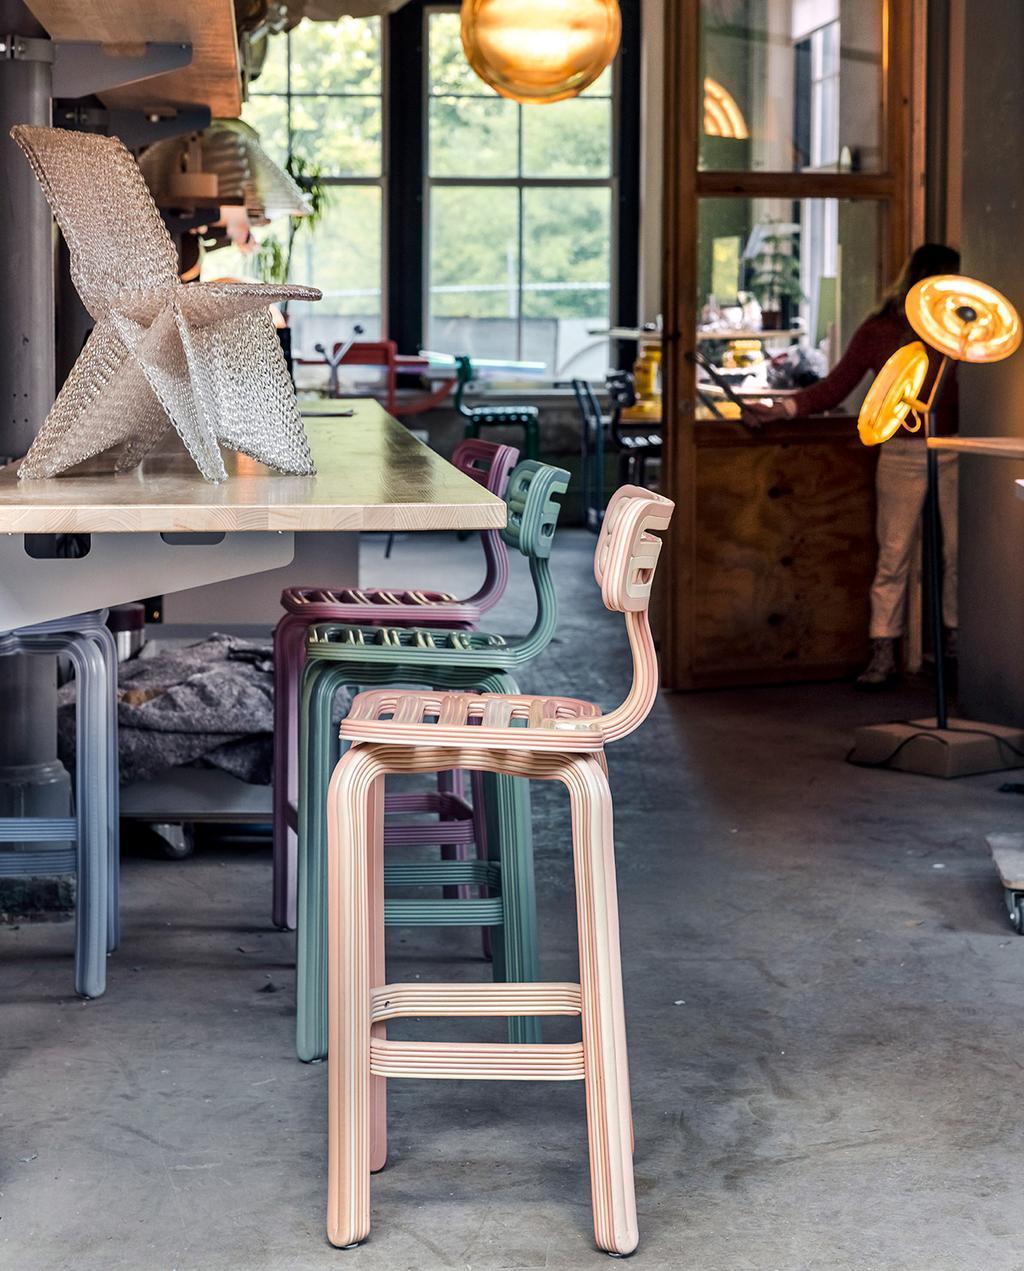 vtwonen 07-2021   barkrukken (Chubby chair) gemaakt door Dirk